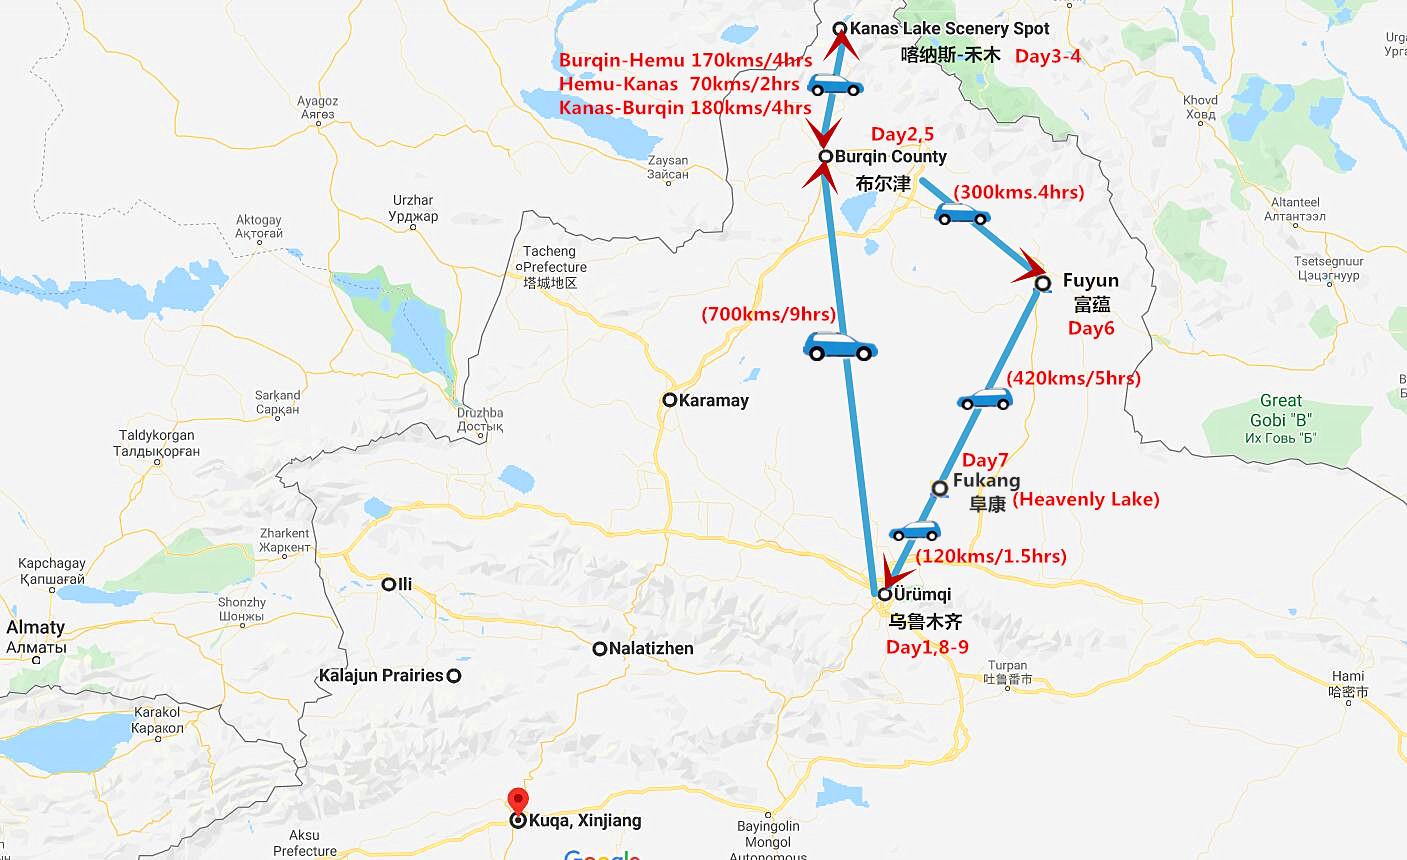 9 Days Urumqi to Kanas Lake Tour Travel Map